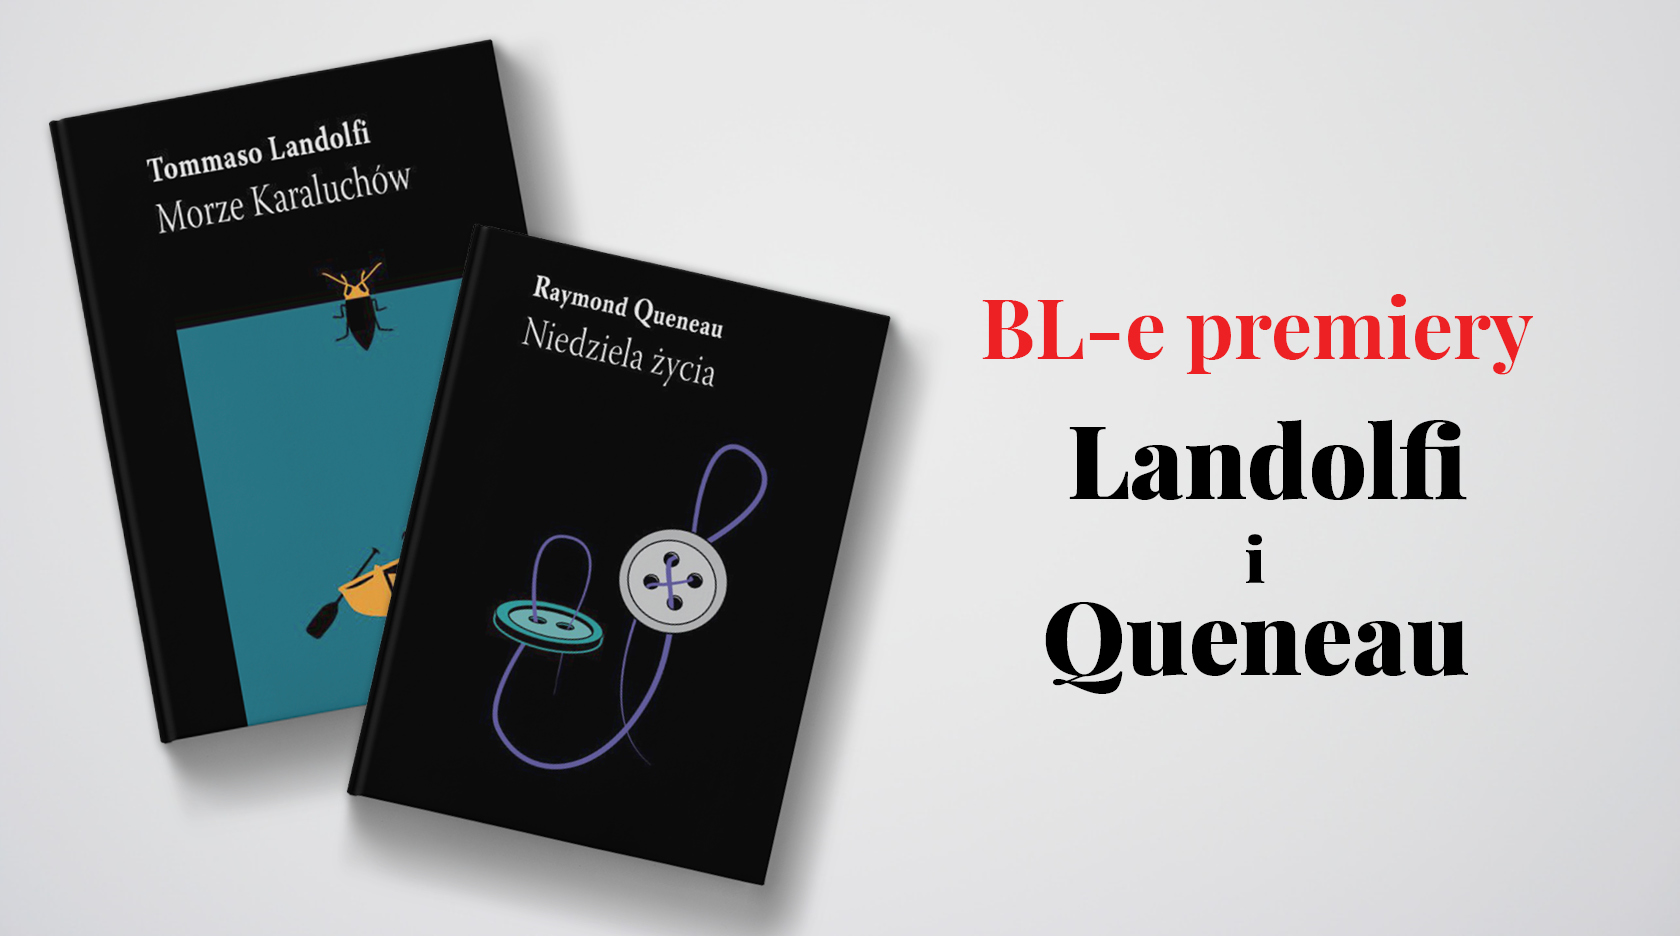 BL Img 2017.05.08 BL-e premiery LANDOLFI i QUENEAU_www_top